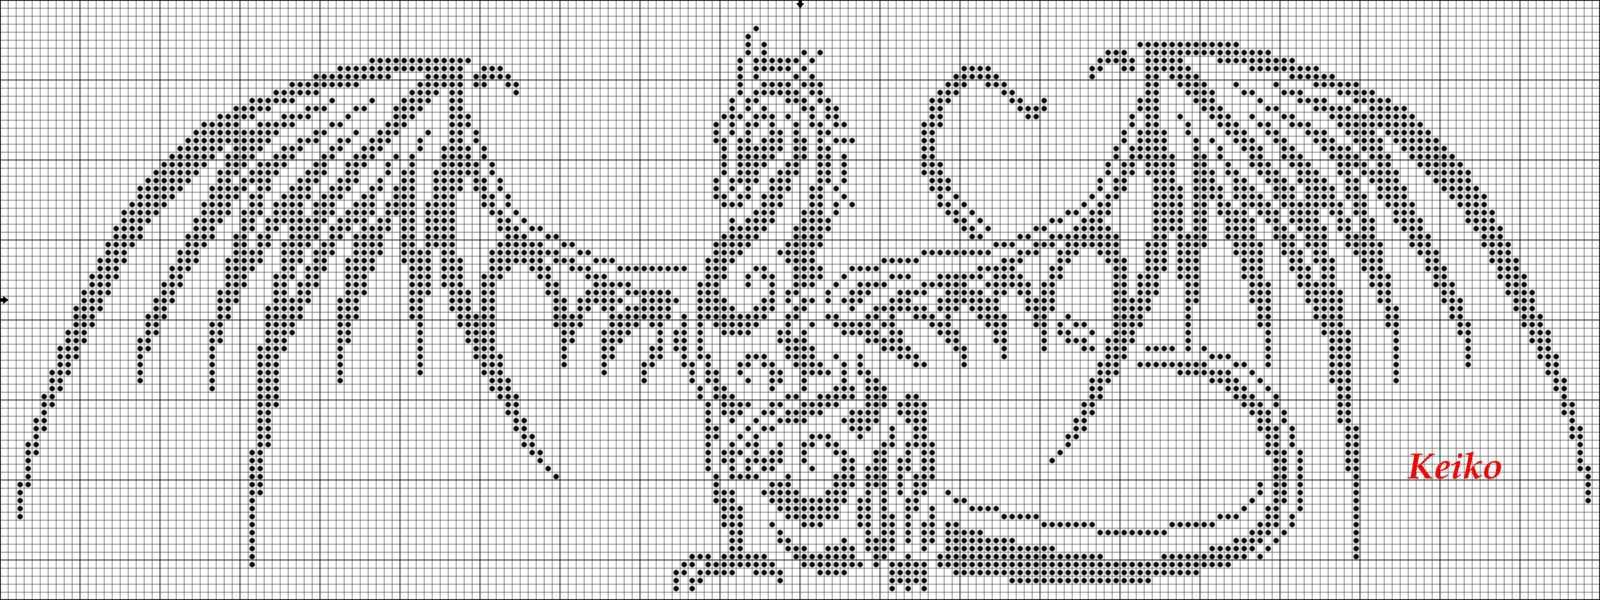 Дракон схема для вышивки бисером 80